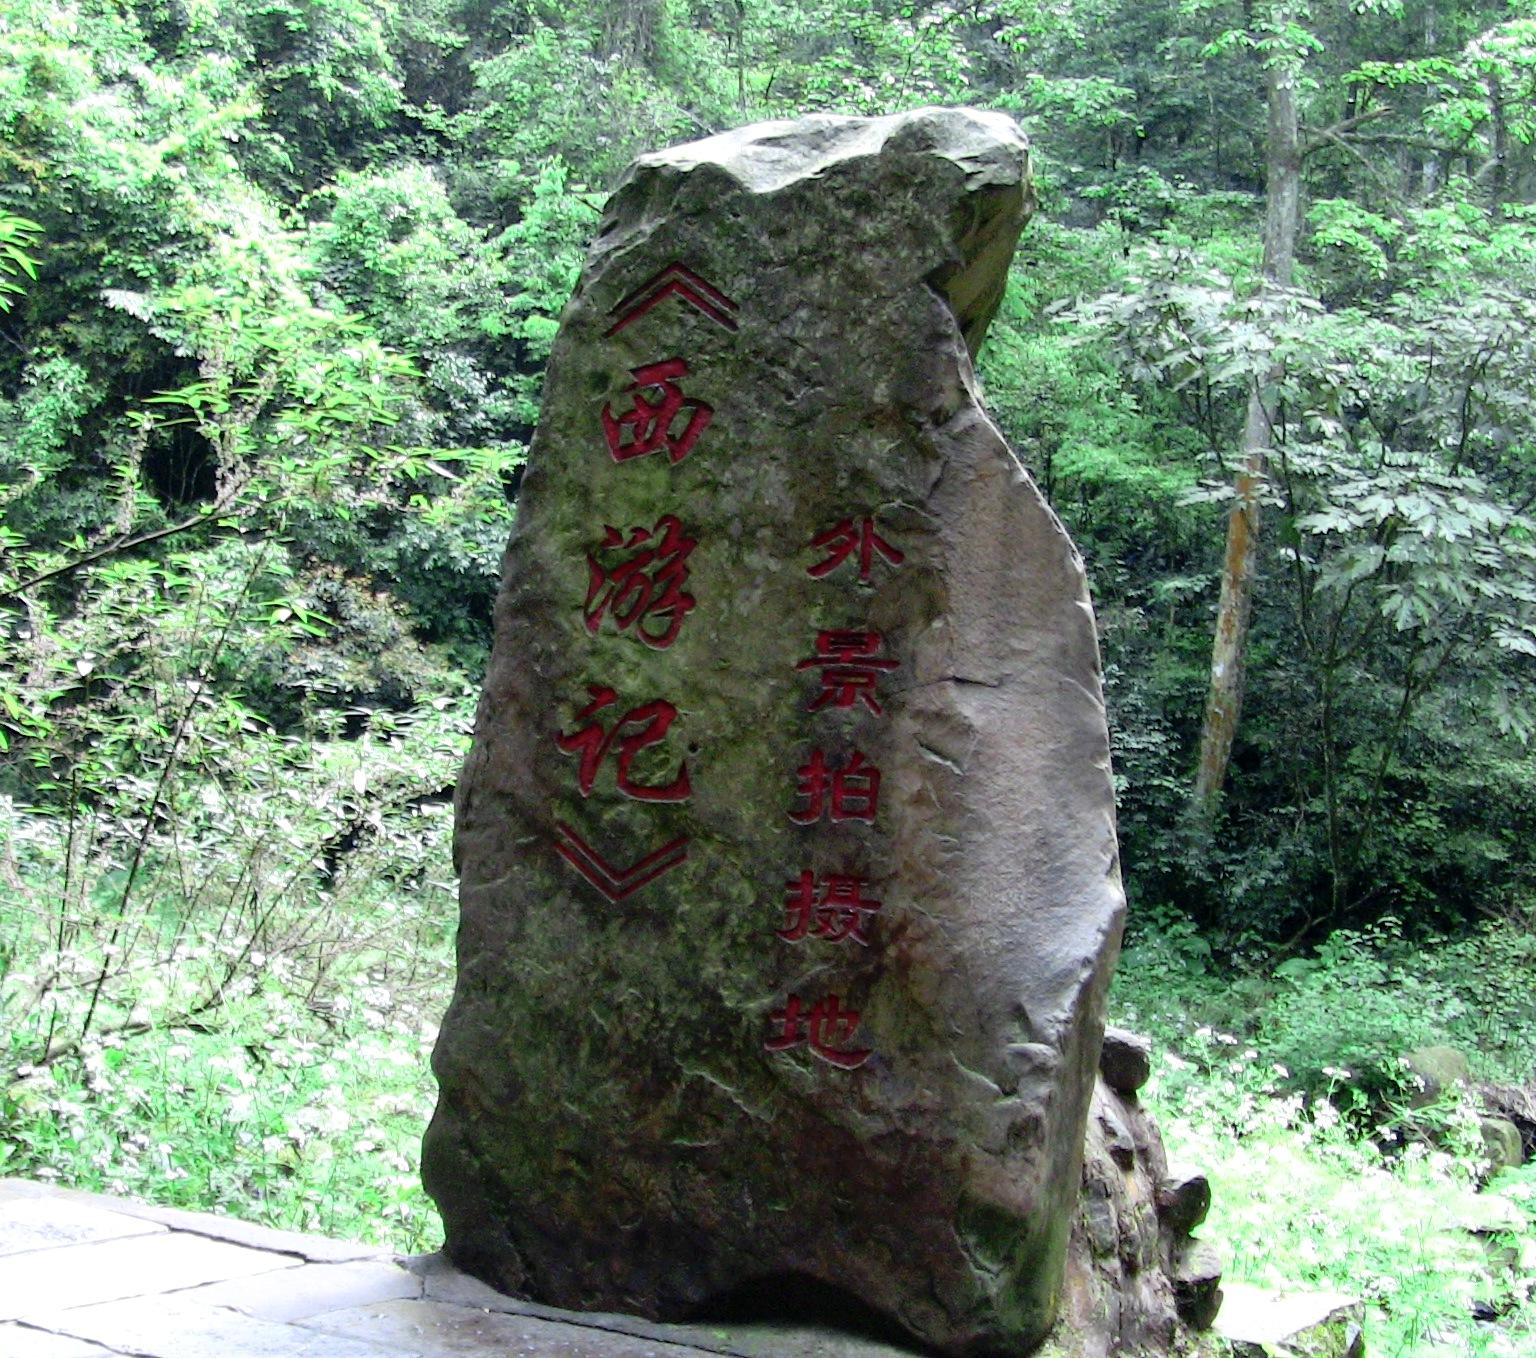 『 中国.張家界から武陵源に行ってみた 』 ..えっ?お猿さんが出没ですかぁ~?ここは西遊記のロケ地だそうです。..